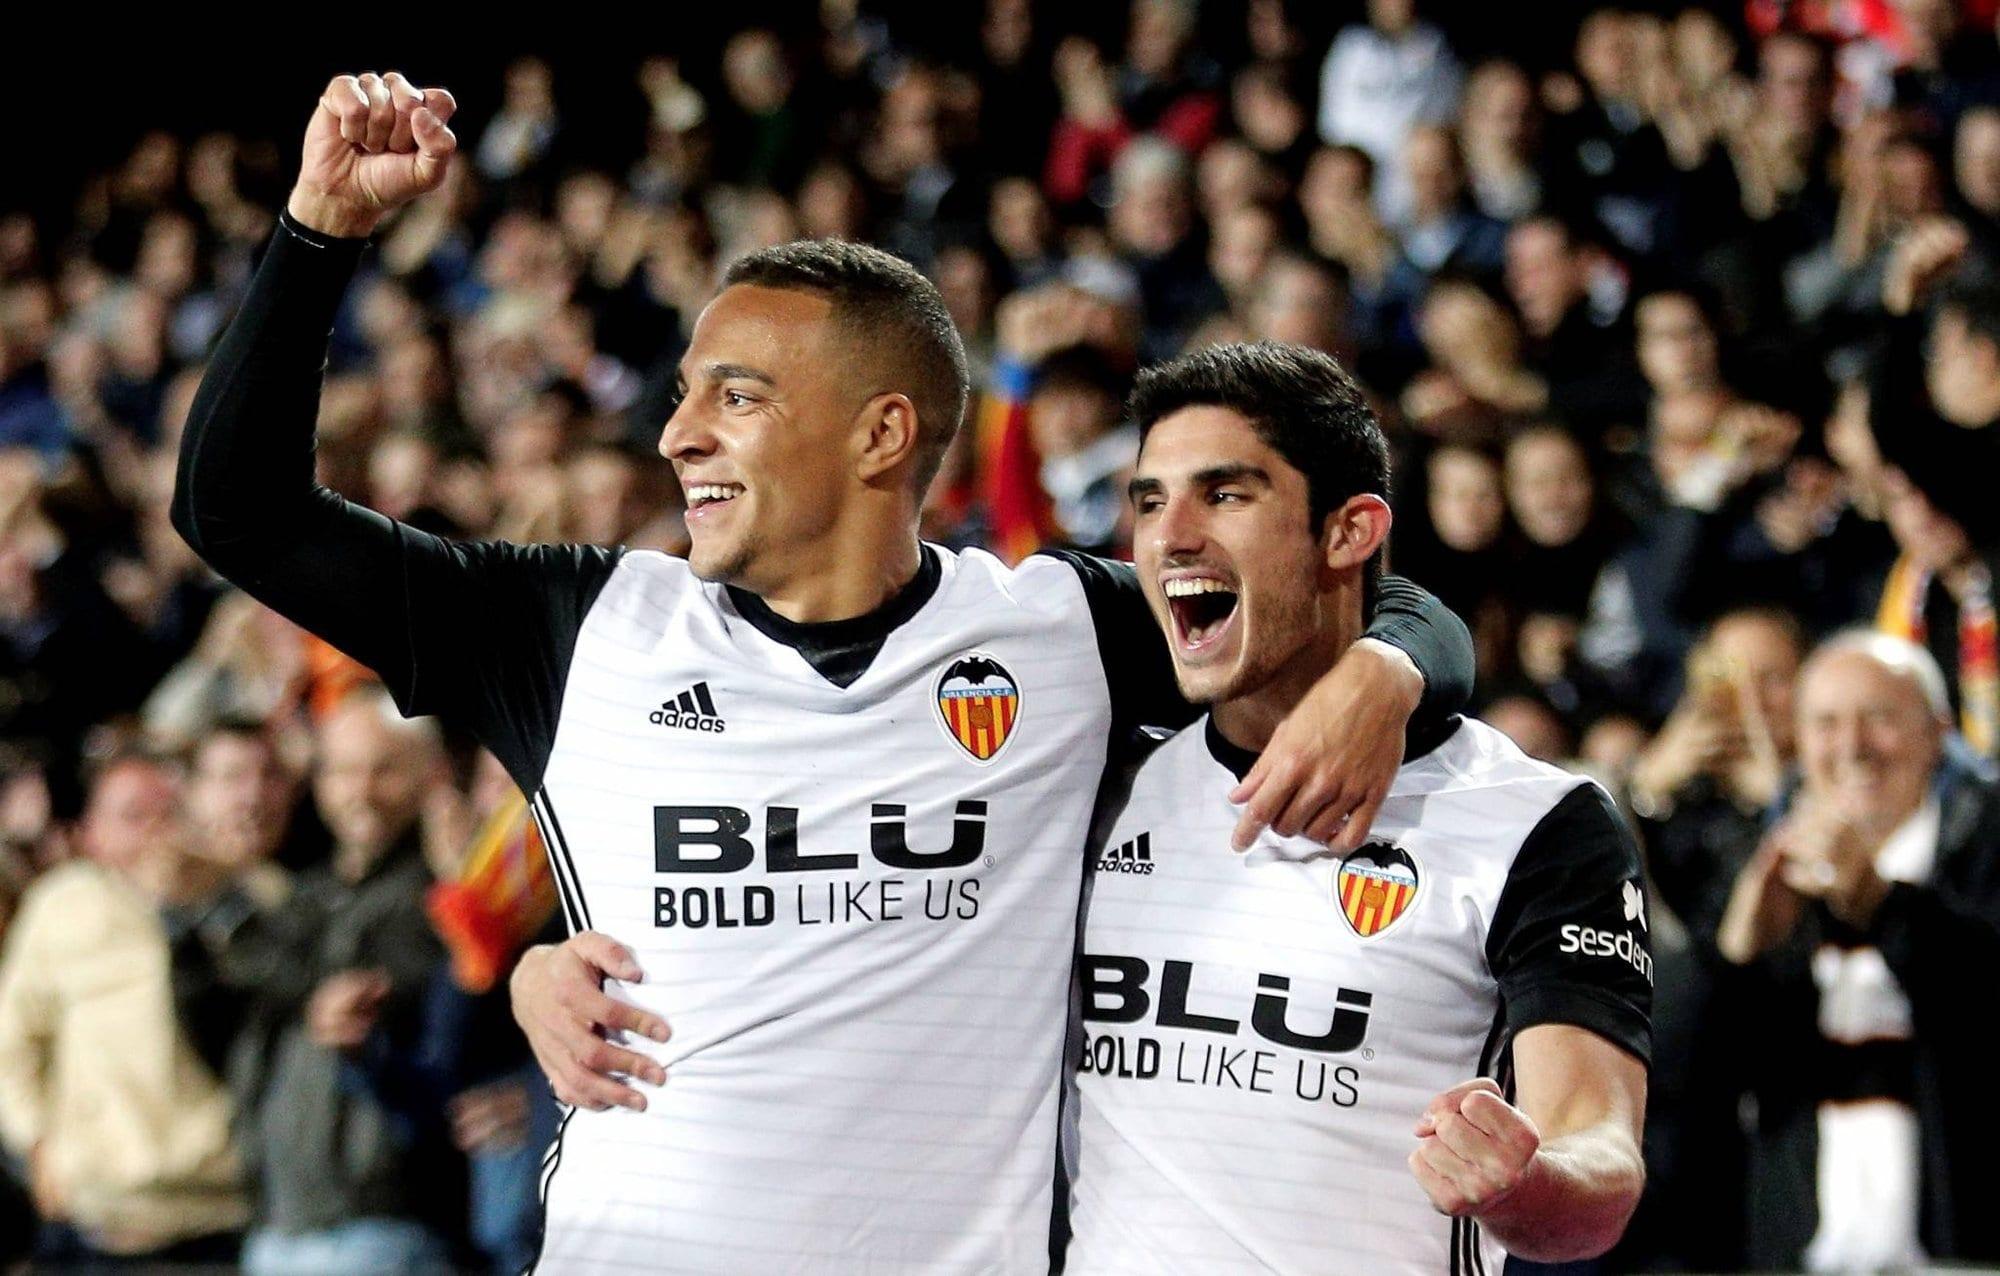 فريق فالنسيا الإسباني